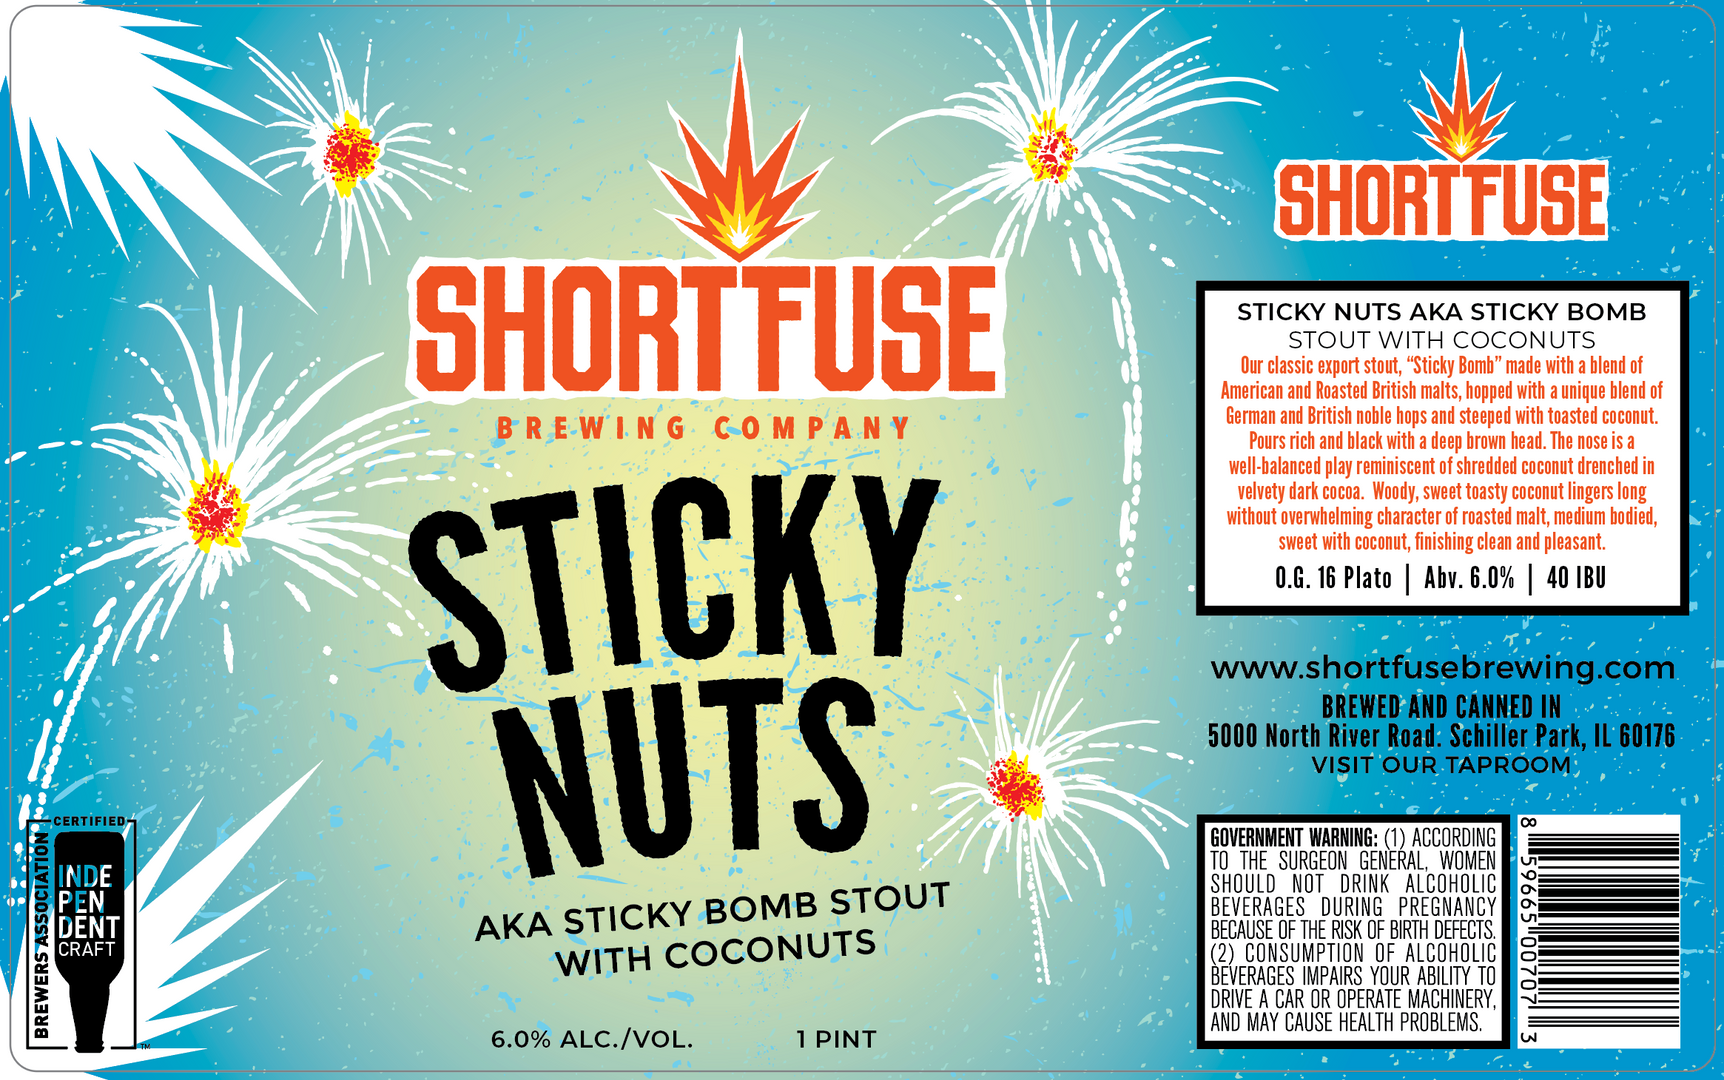 Sticky Nuts